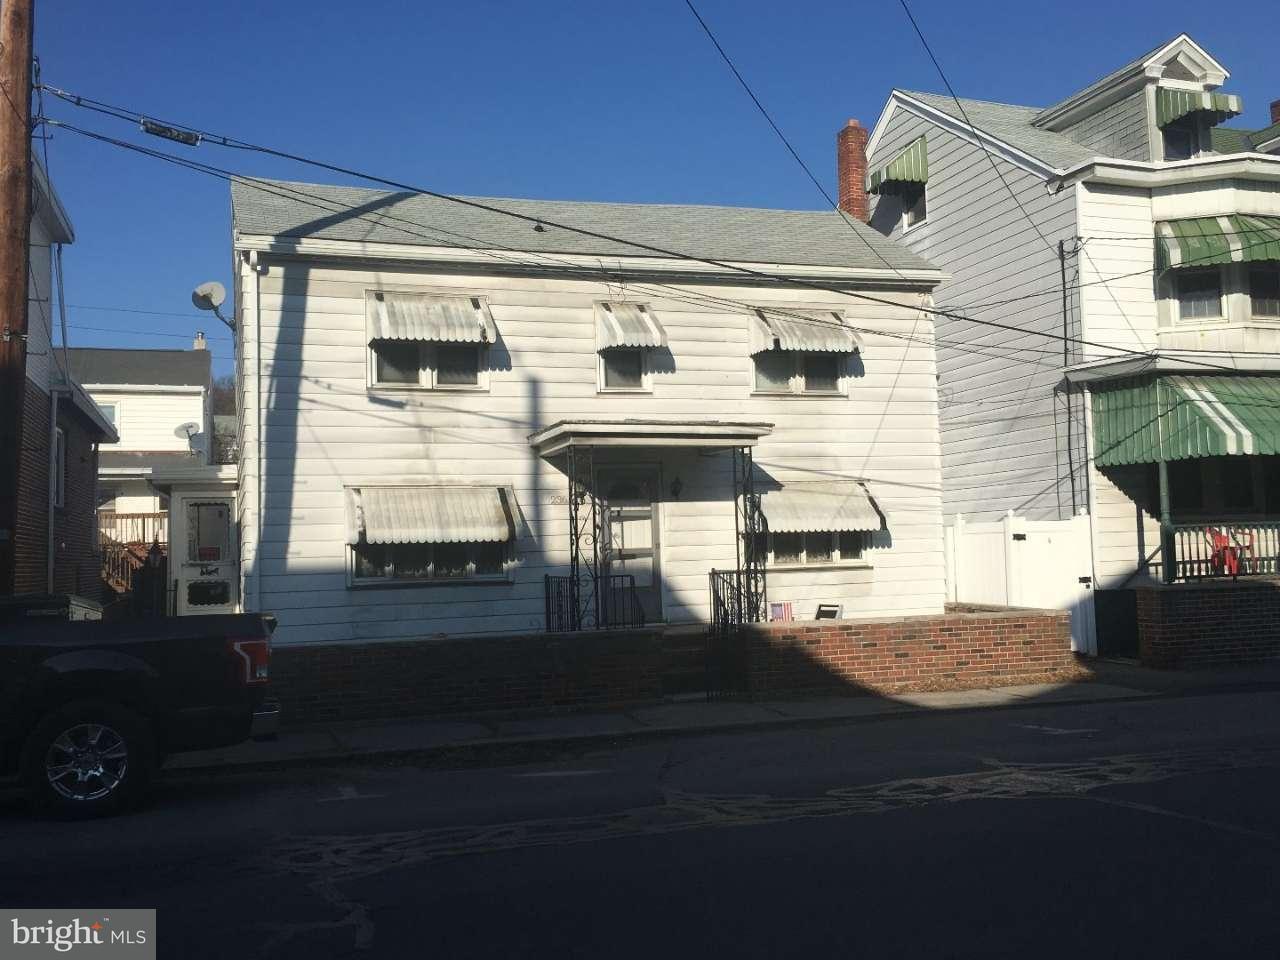 Частный односемейный дом для того Продажа на 236 NORTH Street Minersville, Пенсильвания 17954 Соединенные Штаты